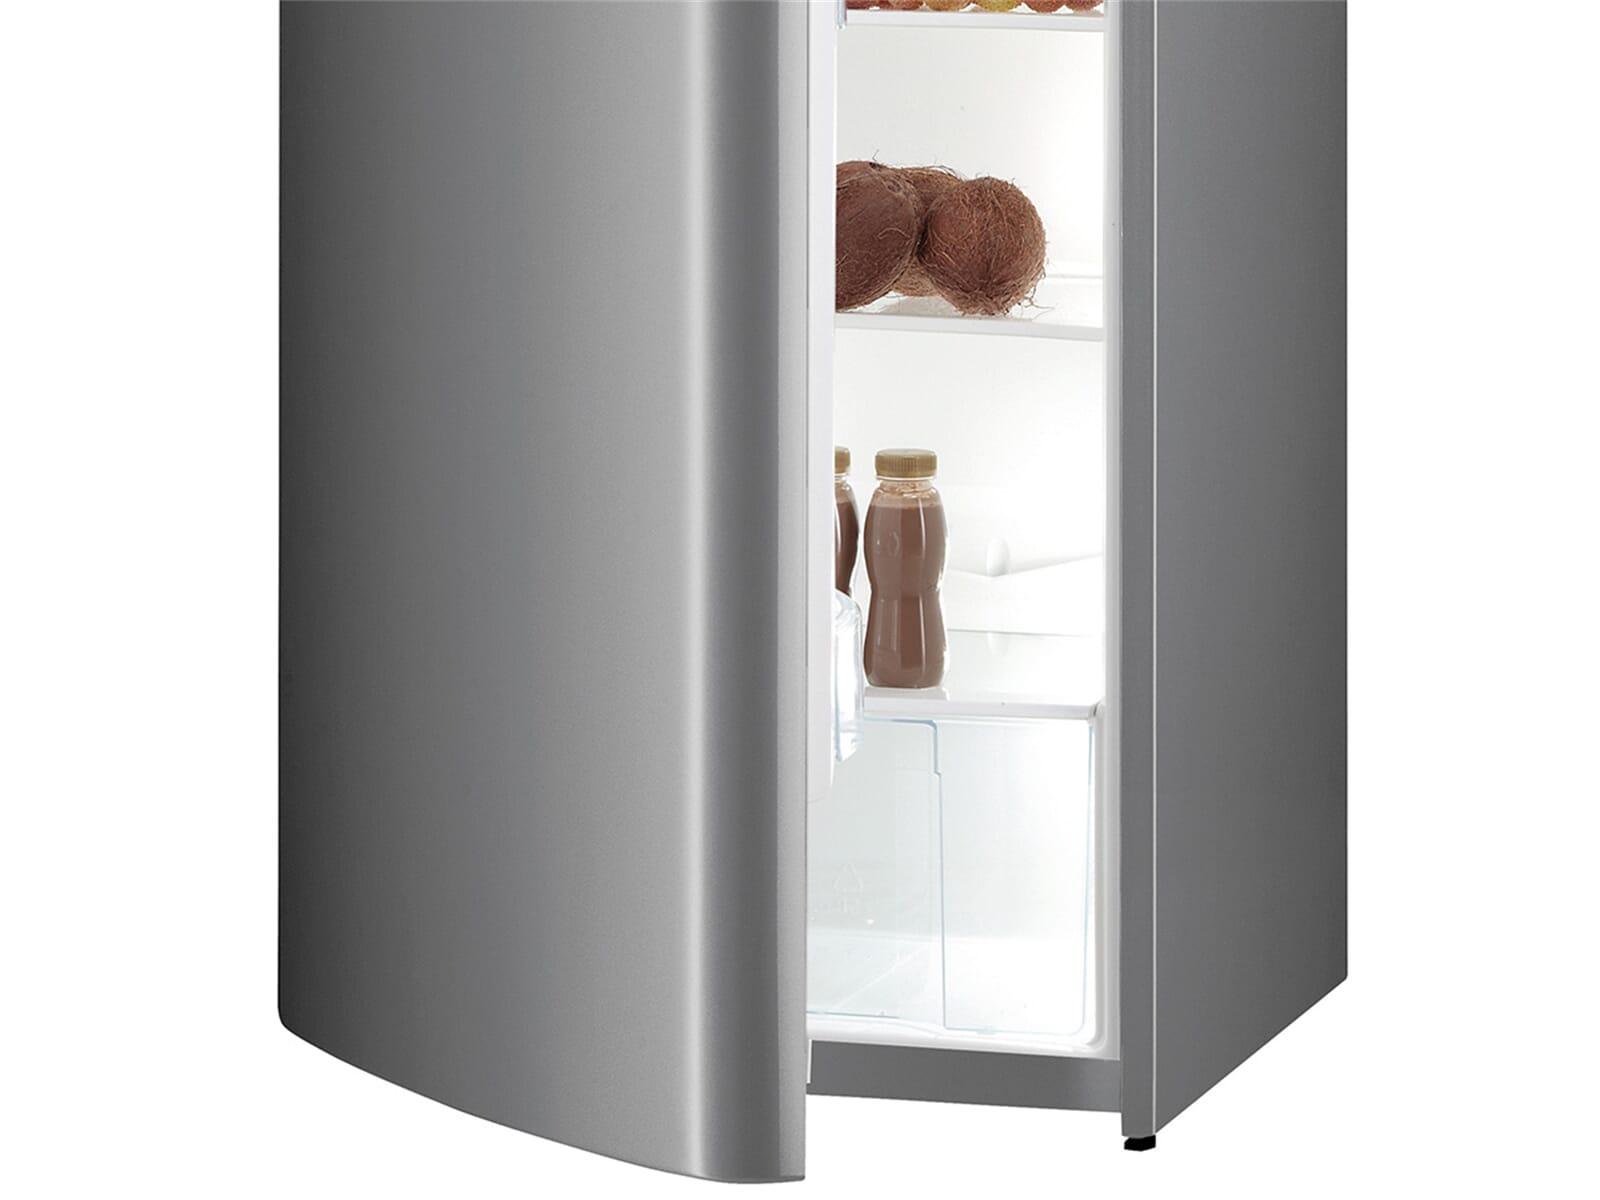 Gorenje Kühlschrank B Ware : Gorenje rb ox l standkühlschrank inox b ware